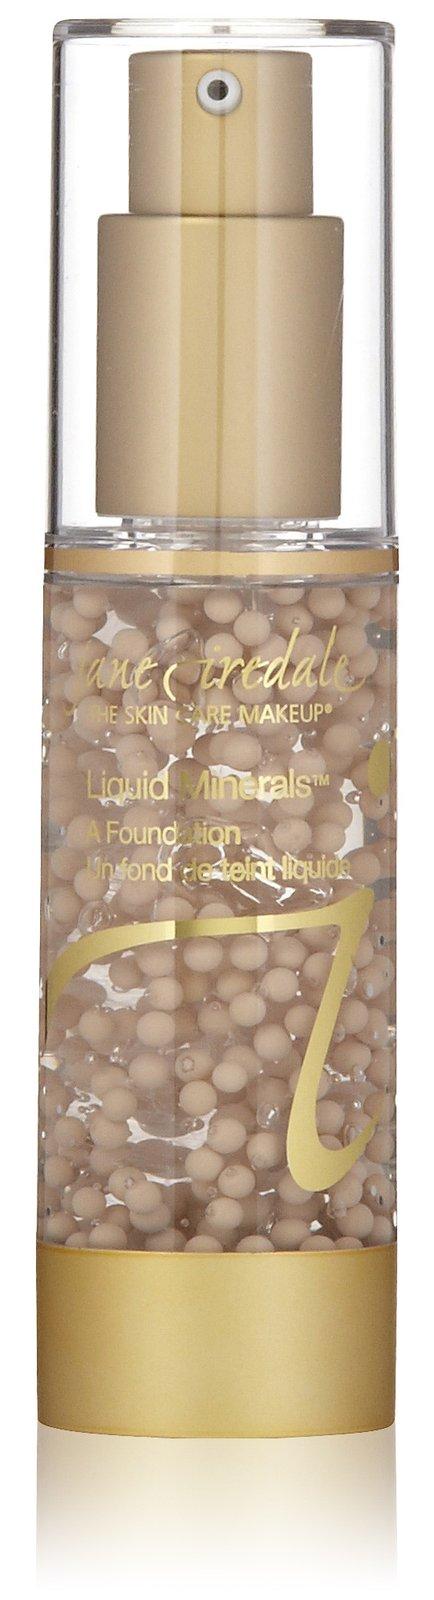 Jane Iredale Liquid Minerals Foundation, Bisque, 78 g